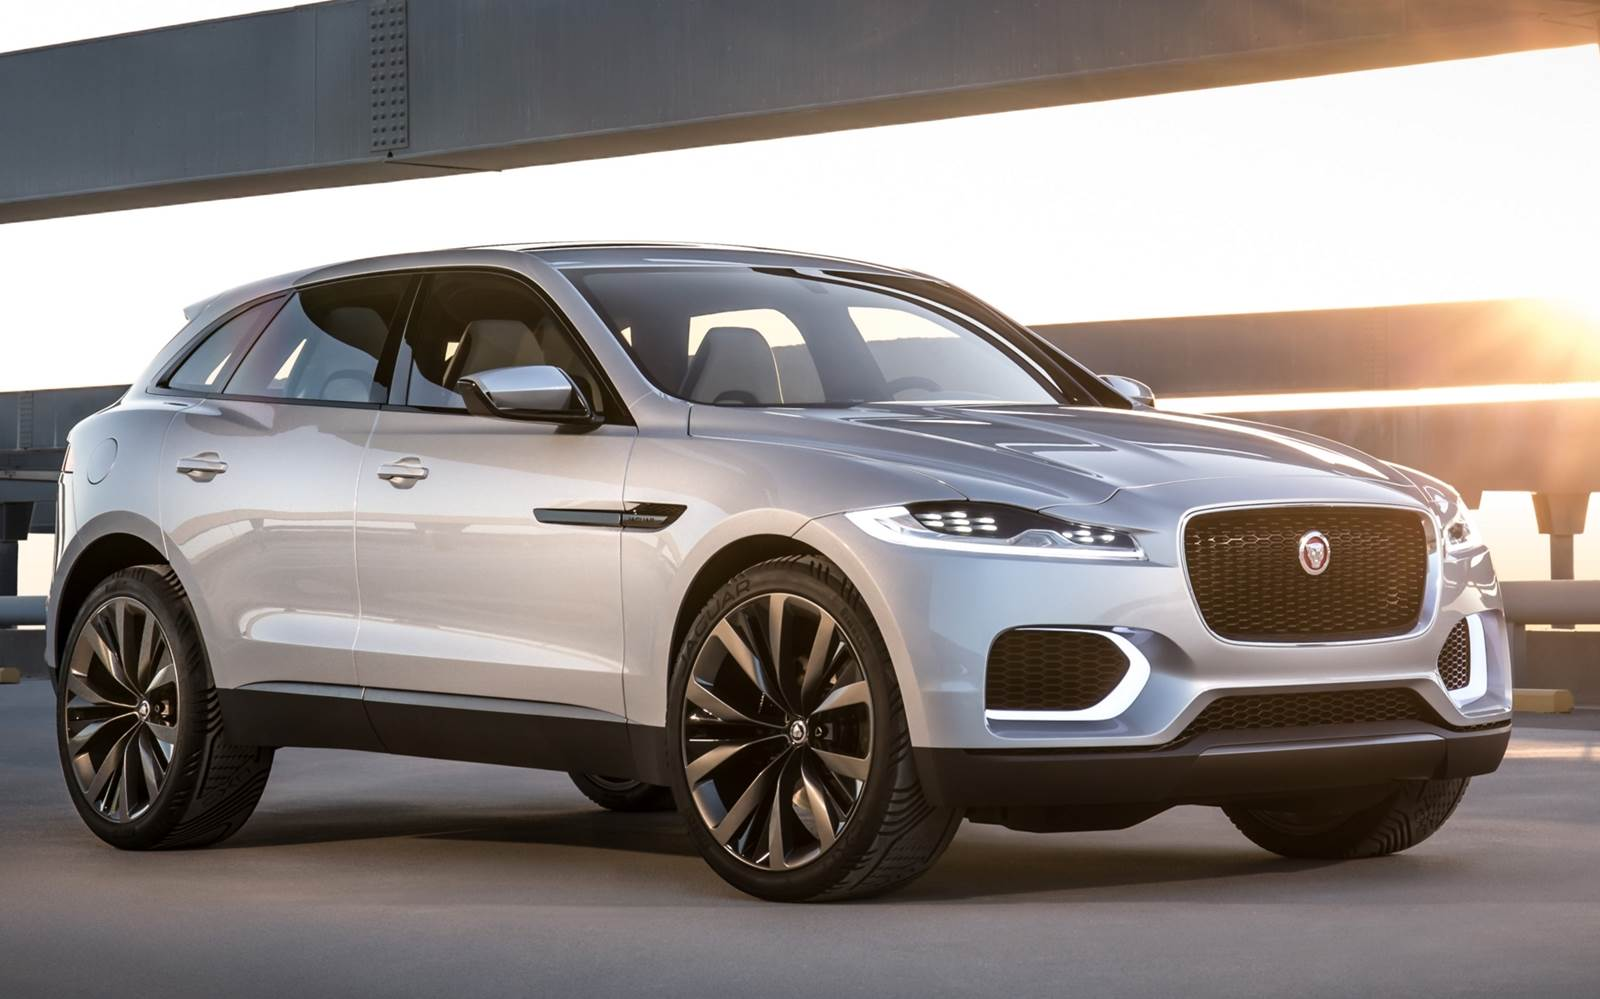 Jaguar F Pace SUV chega em 2016 para encarar o BMW X3